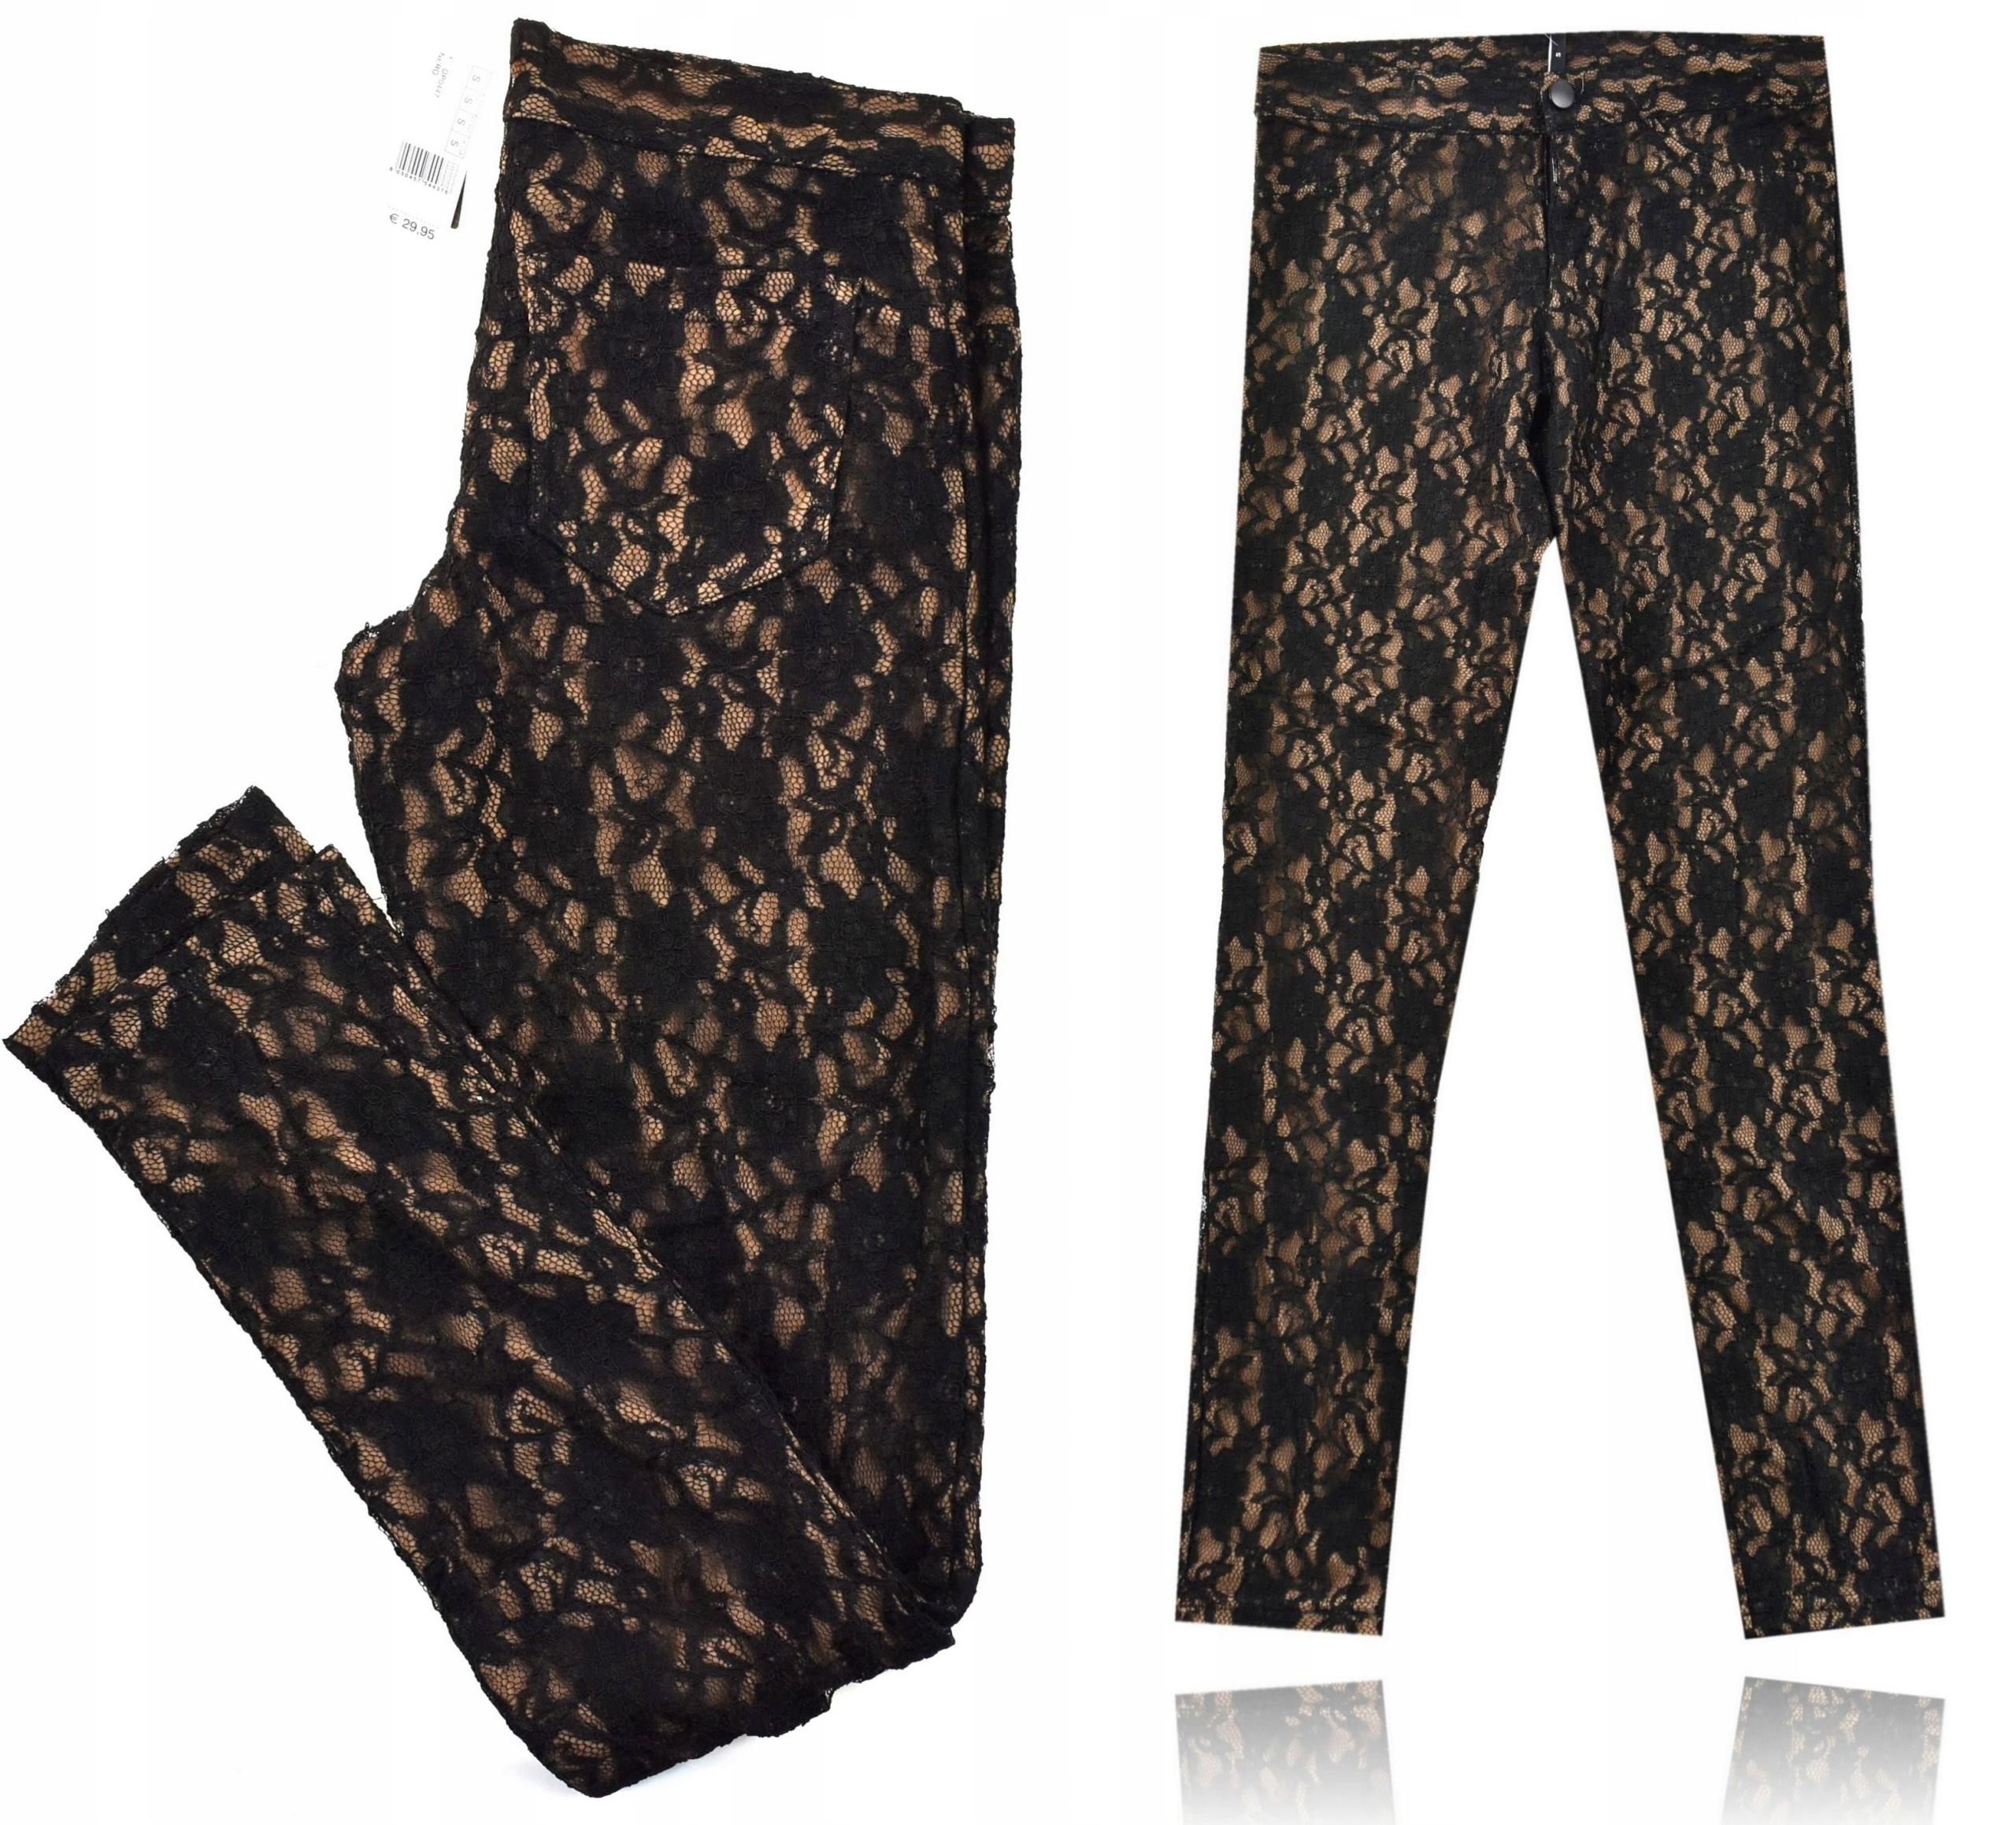 Calzedonia spodnie dwuwarstwowe koronka nude 36 S